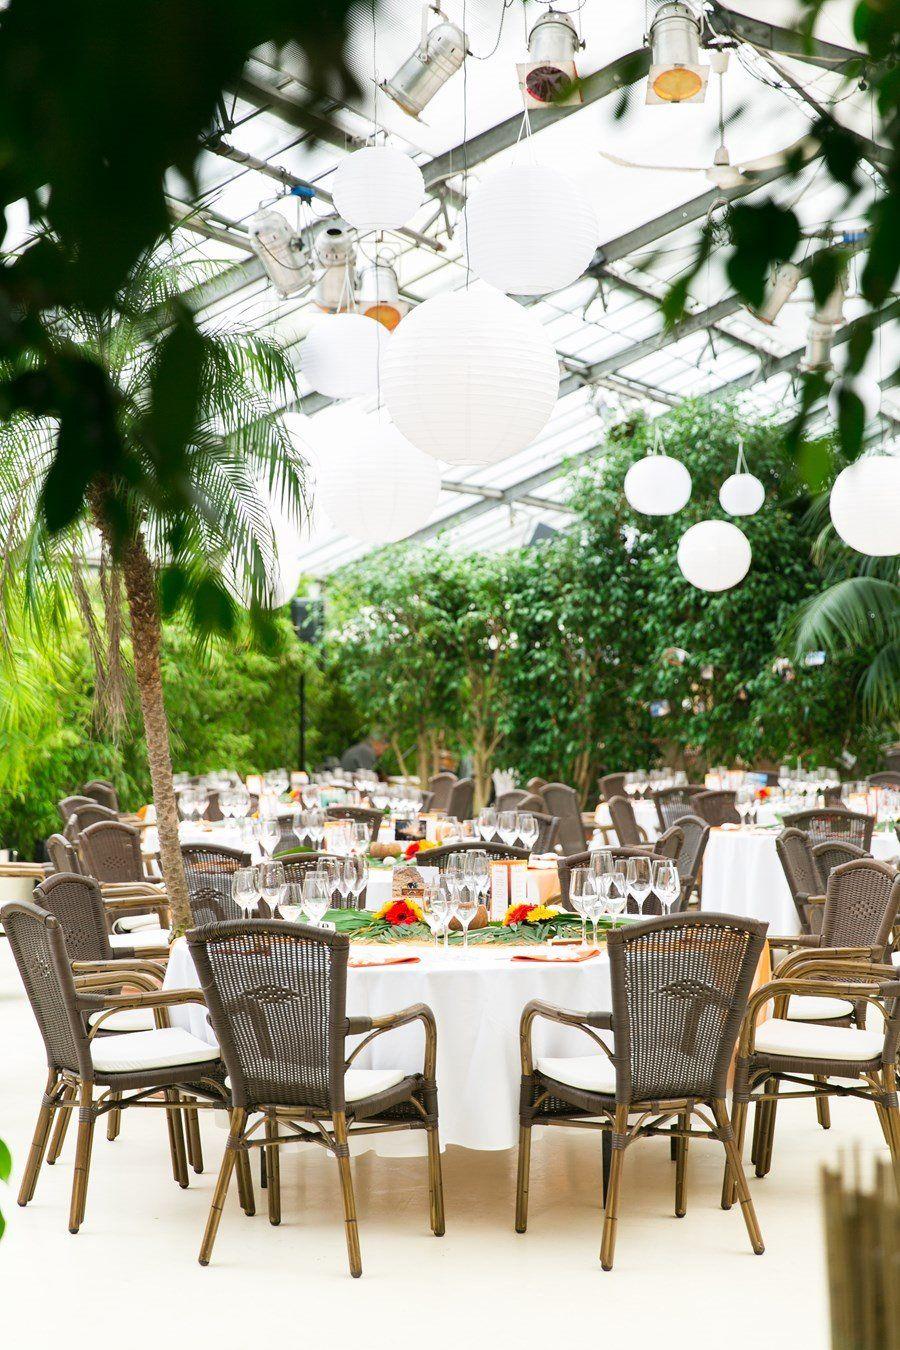 Hochzeitslocations in und um München   Hochzeitslocation, Hochzeit location, Hochzeit gästebuch